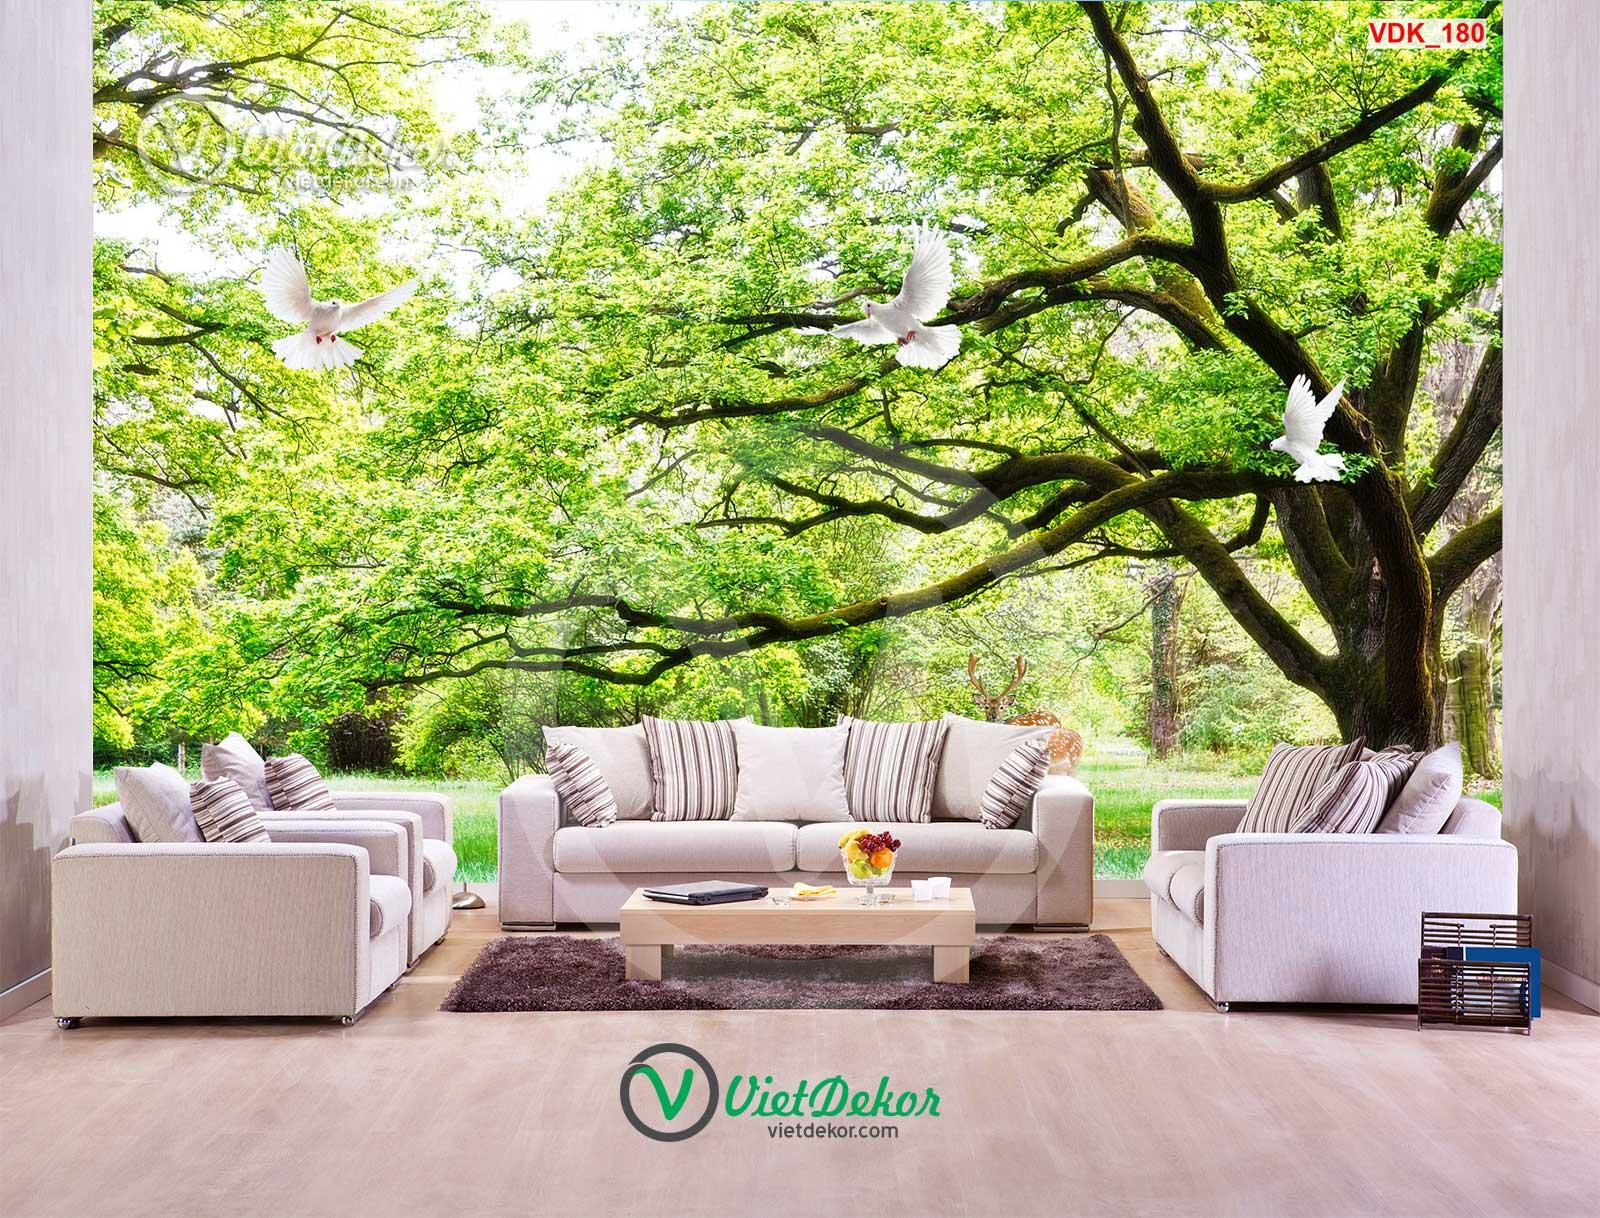 Tranh dán tường 3d rừng cây cò bay